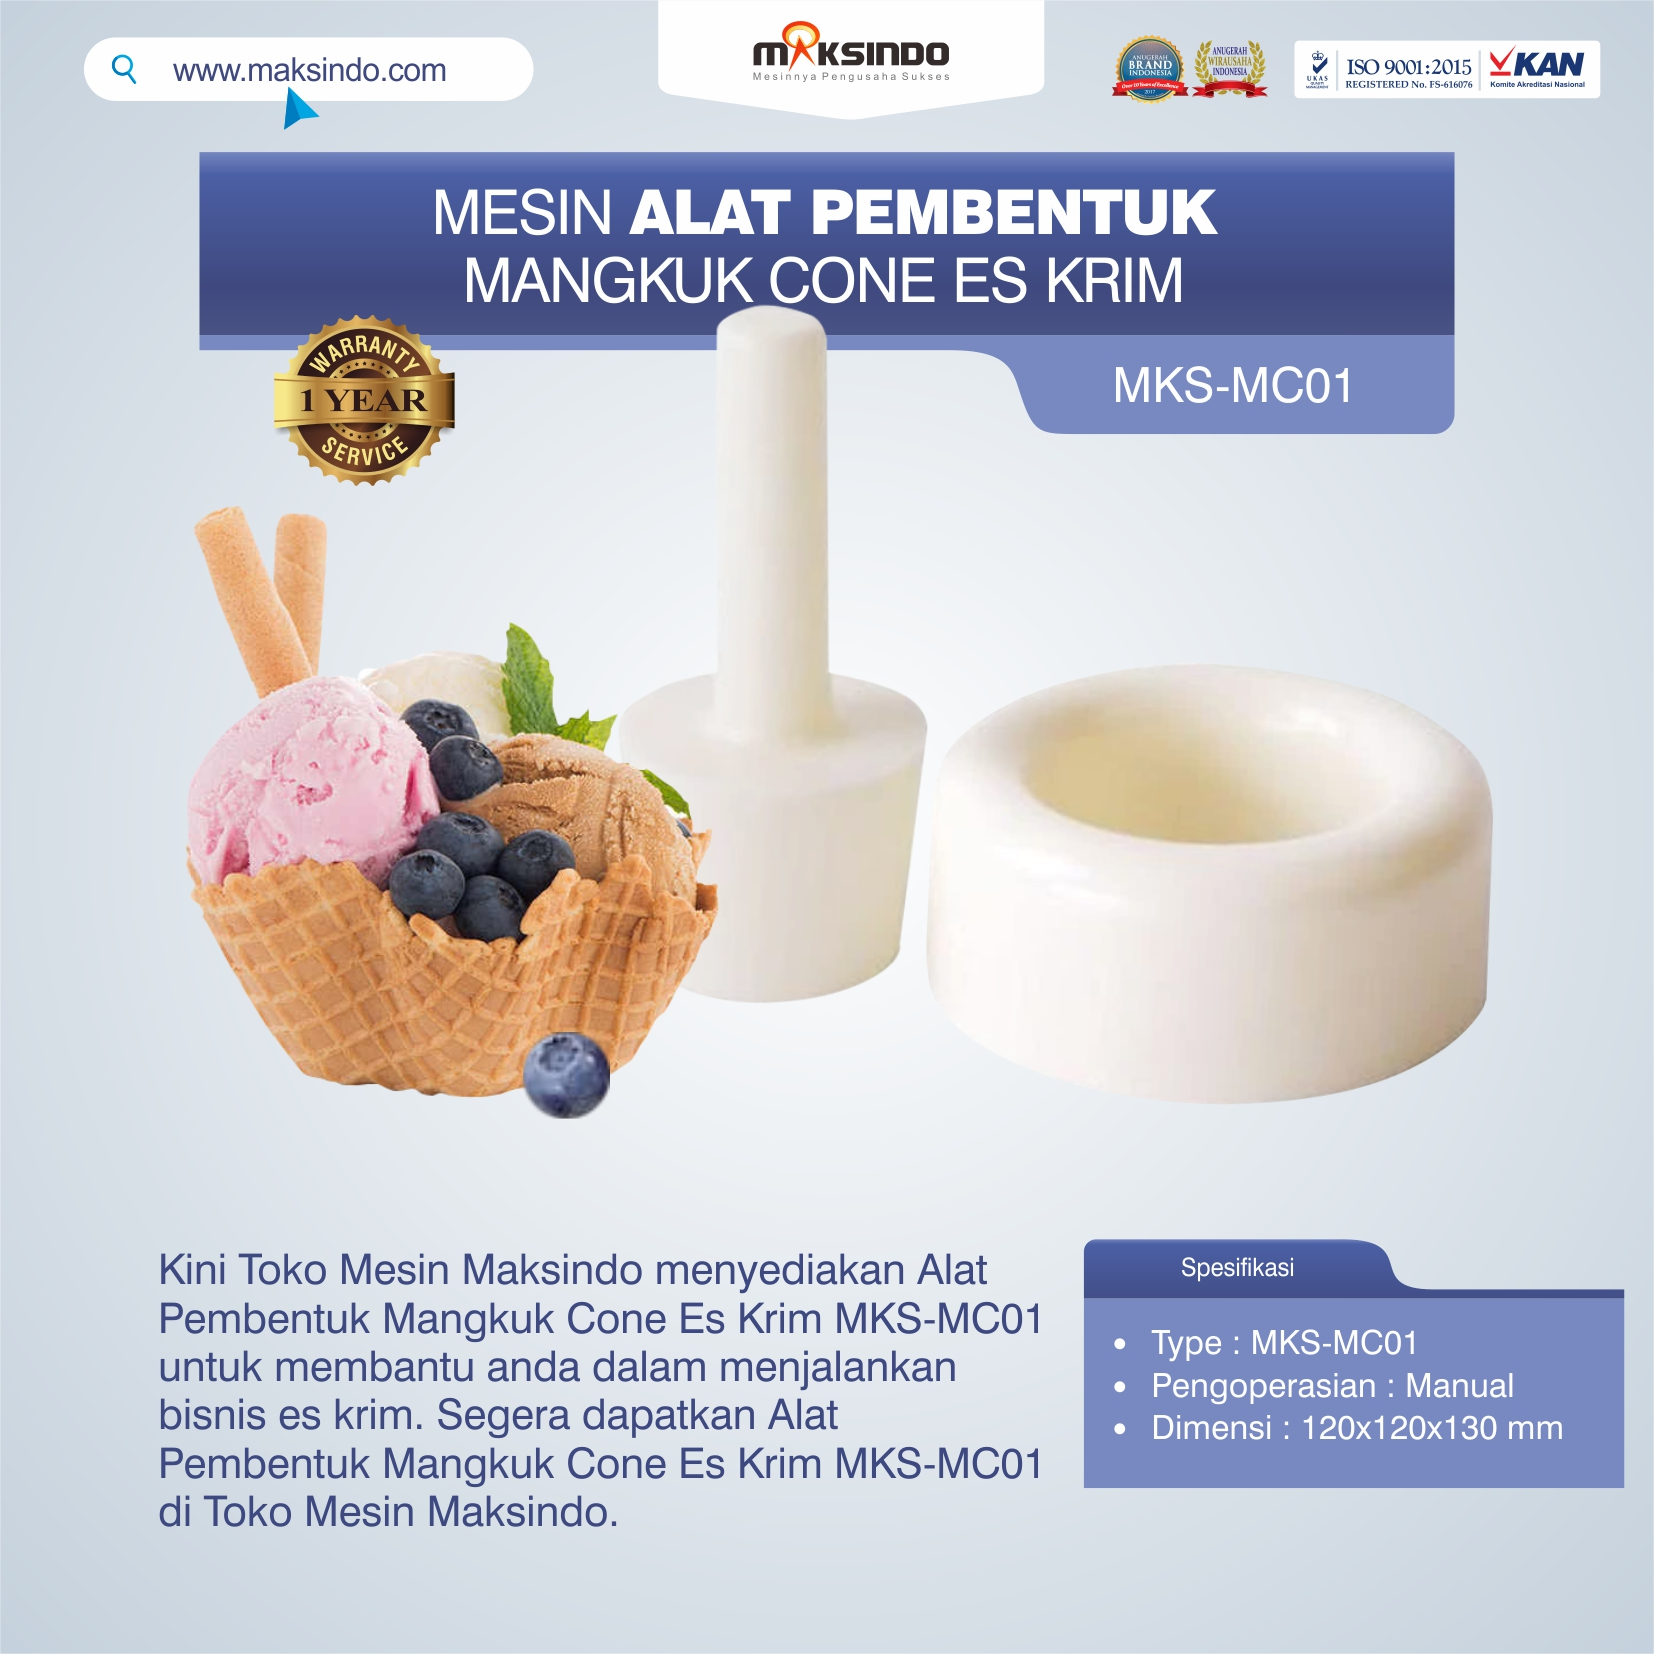 Jual Alat Pembentuk Mangkuk Cone Es Krim MKS-MC01 di Makassar